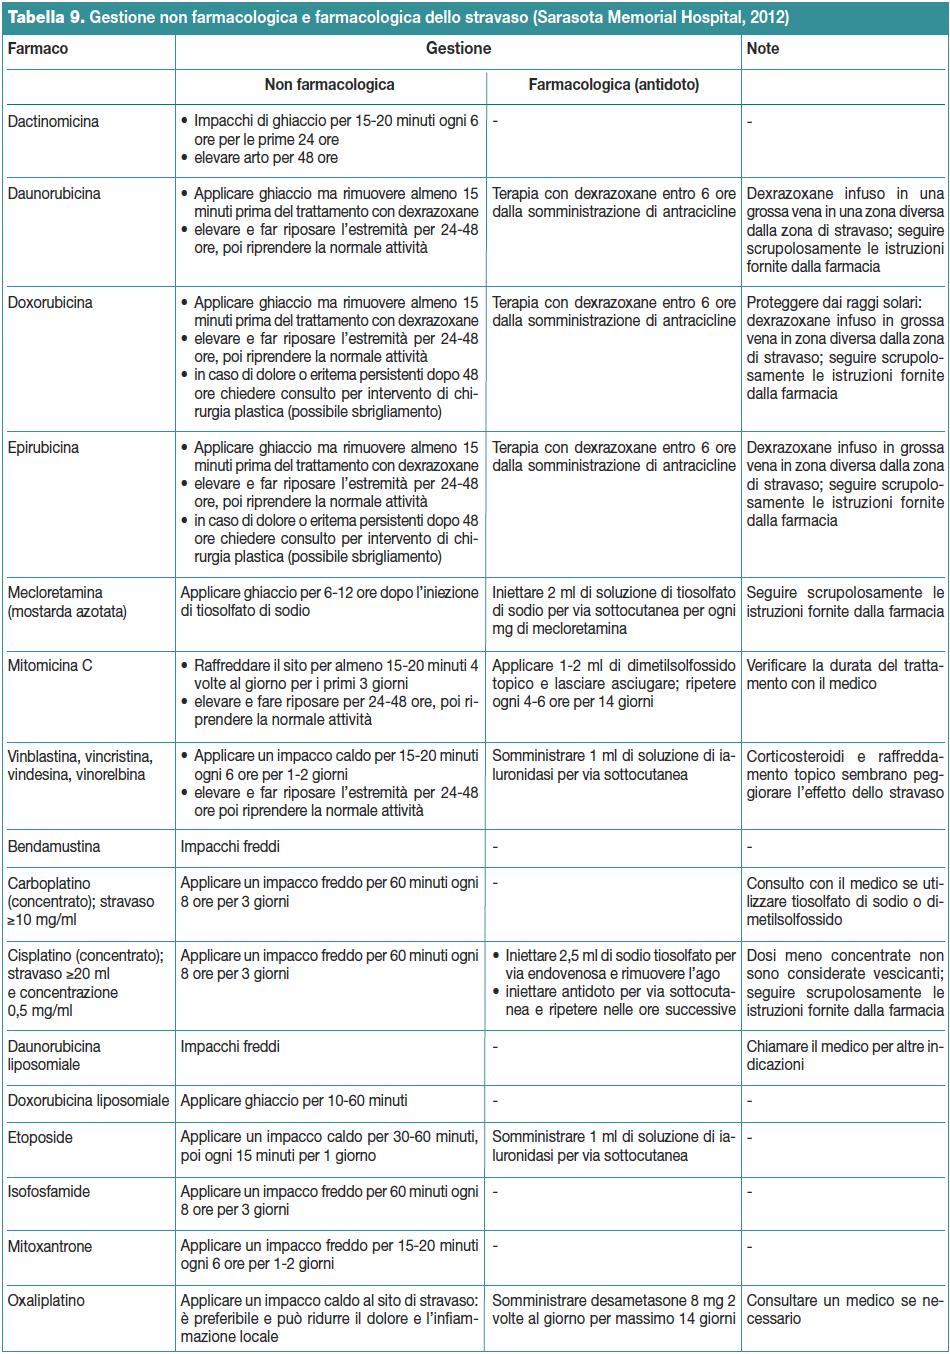 Tabella 9. Gestione non farmacologica e farmacologica dello stravaso (Sarasota Memorial Hospital, 2012)